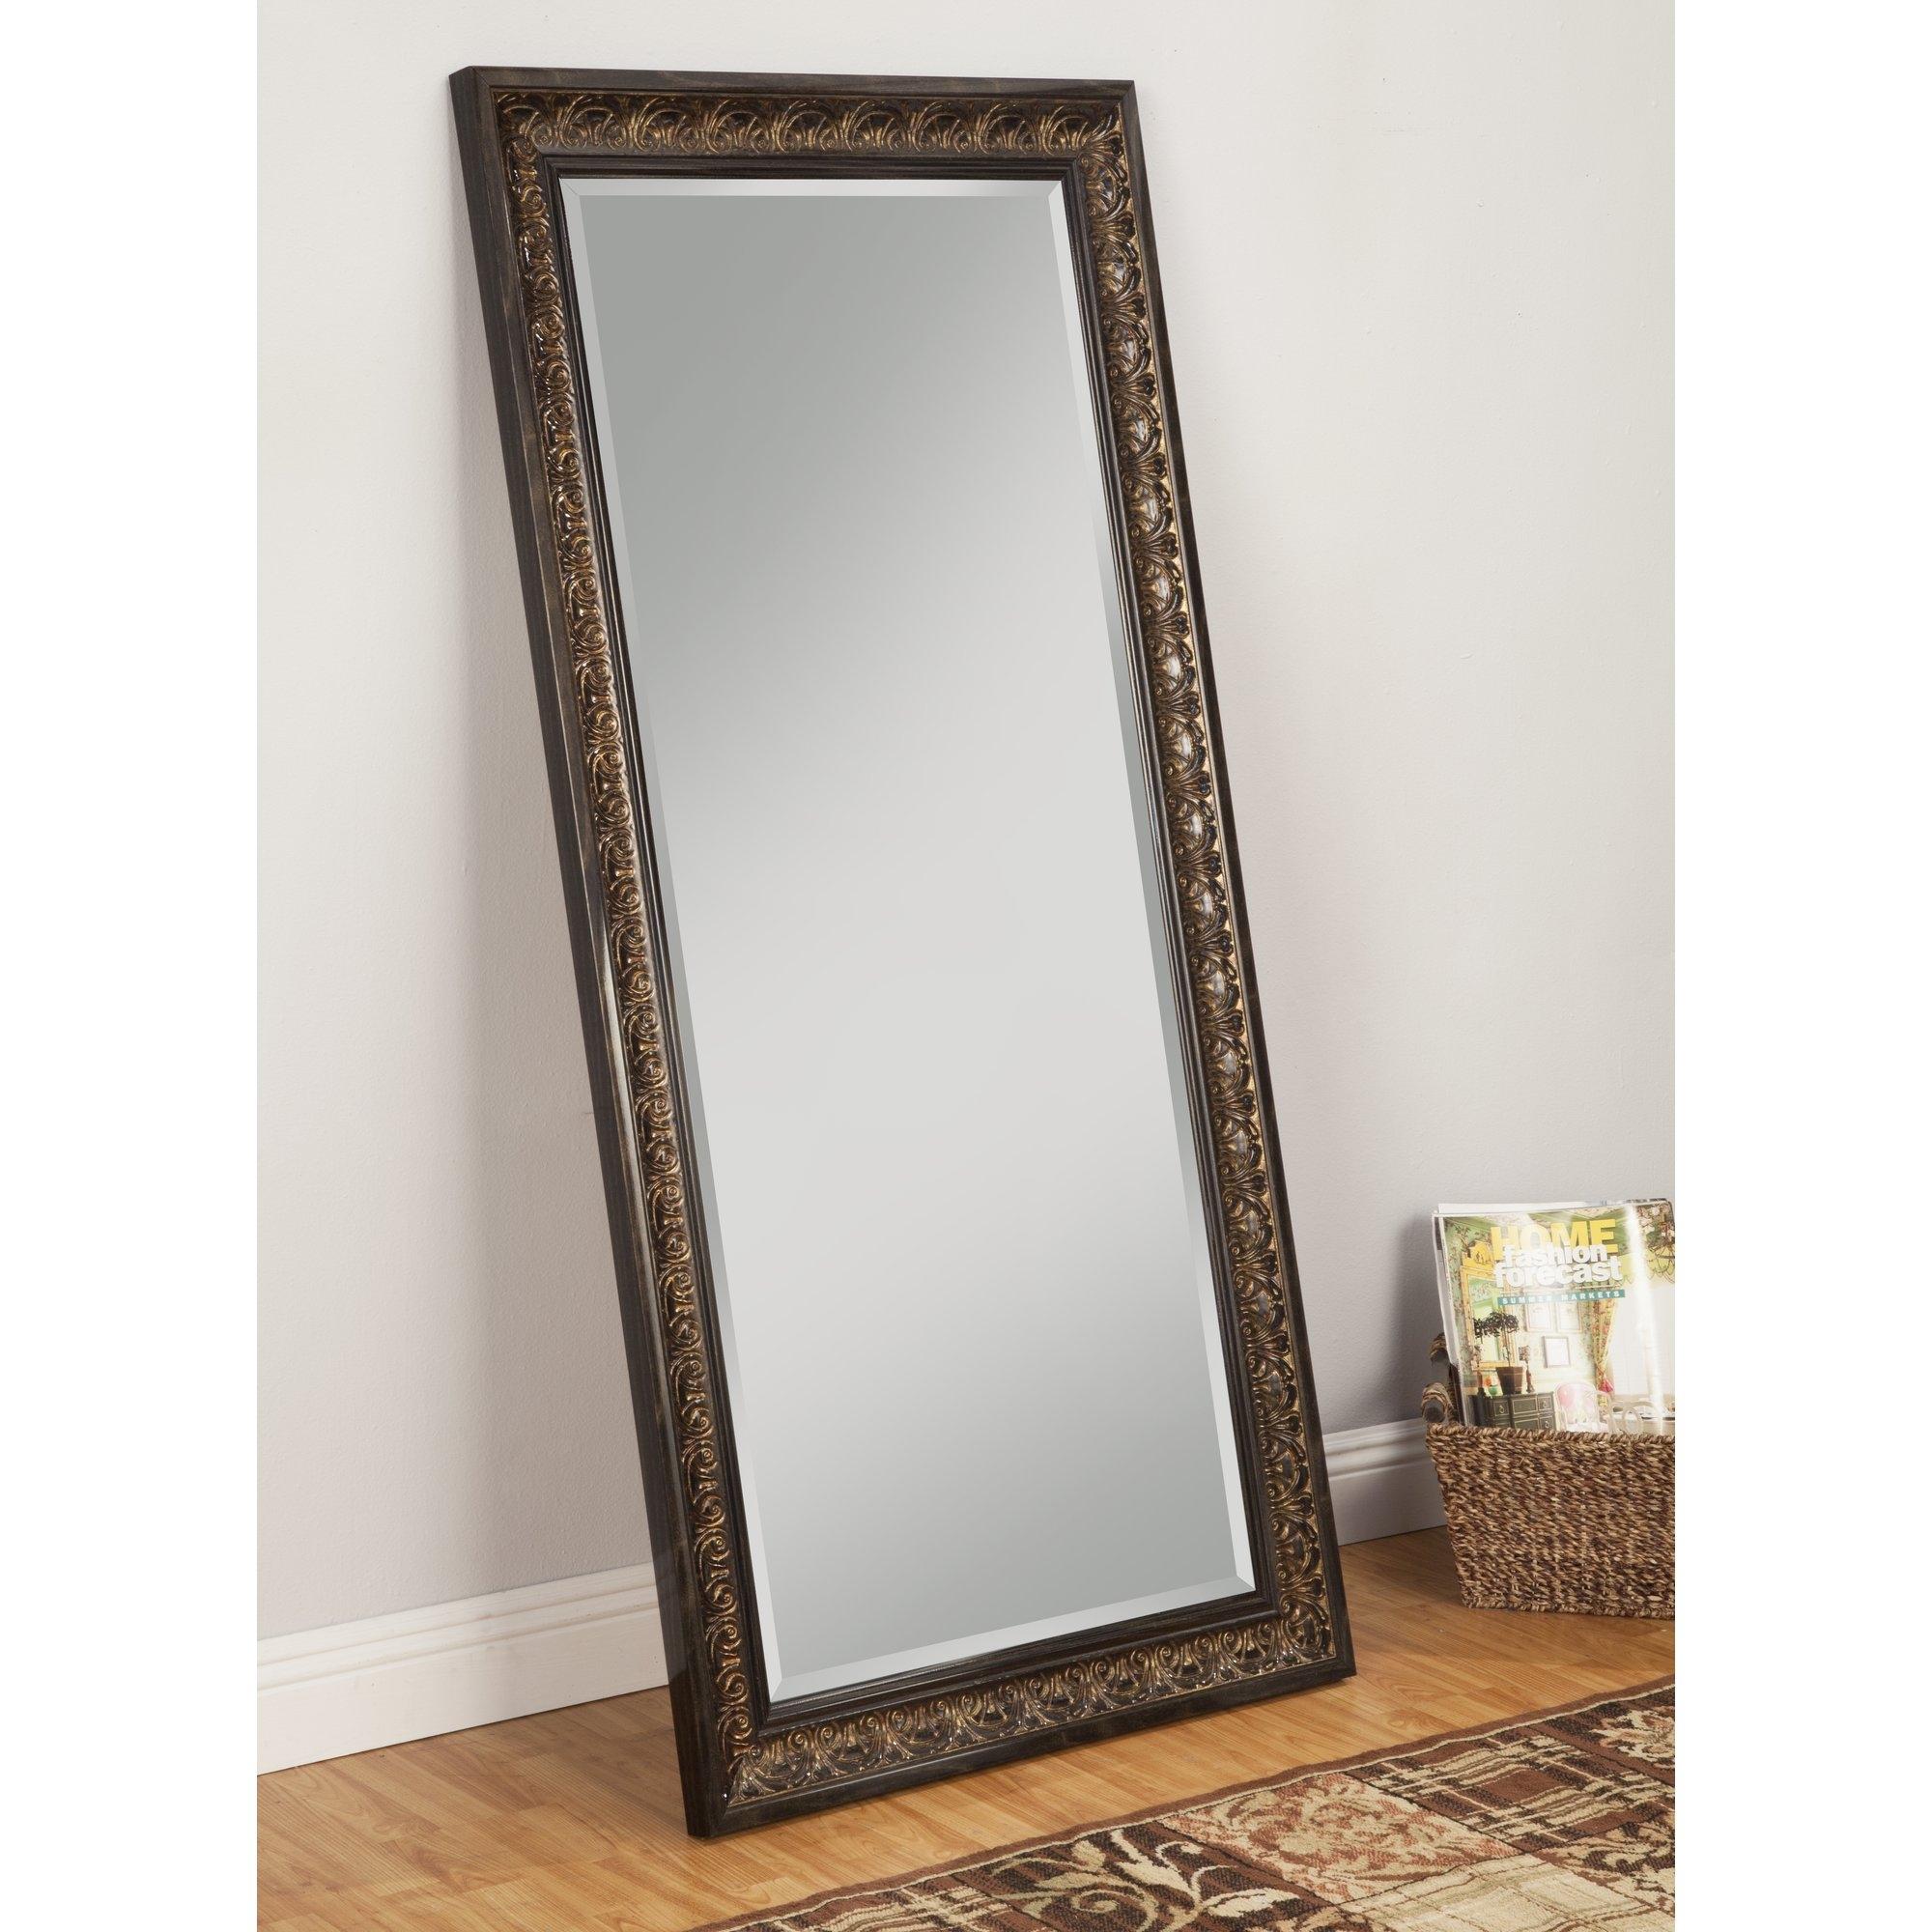 15 Long Decorative Mirror Mirror Ideas